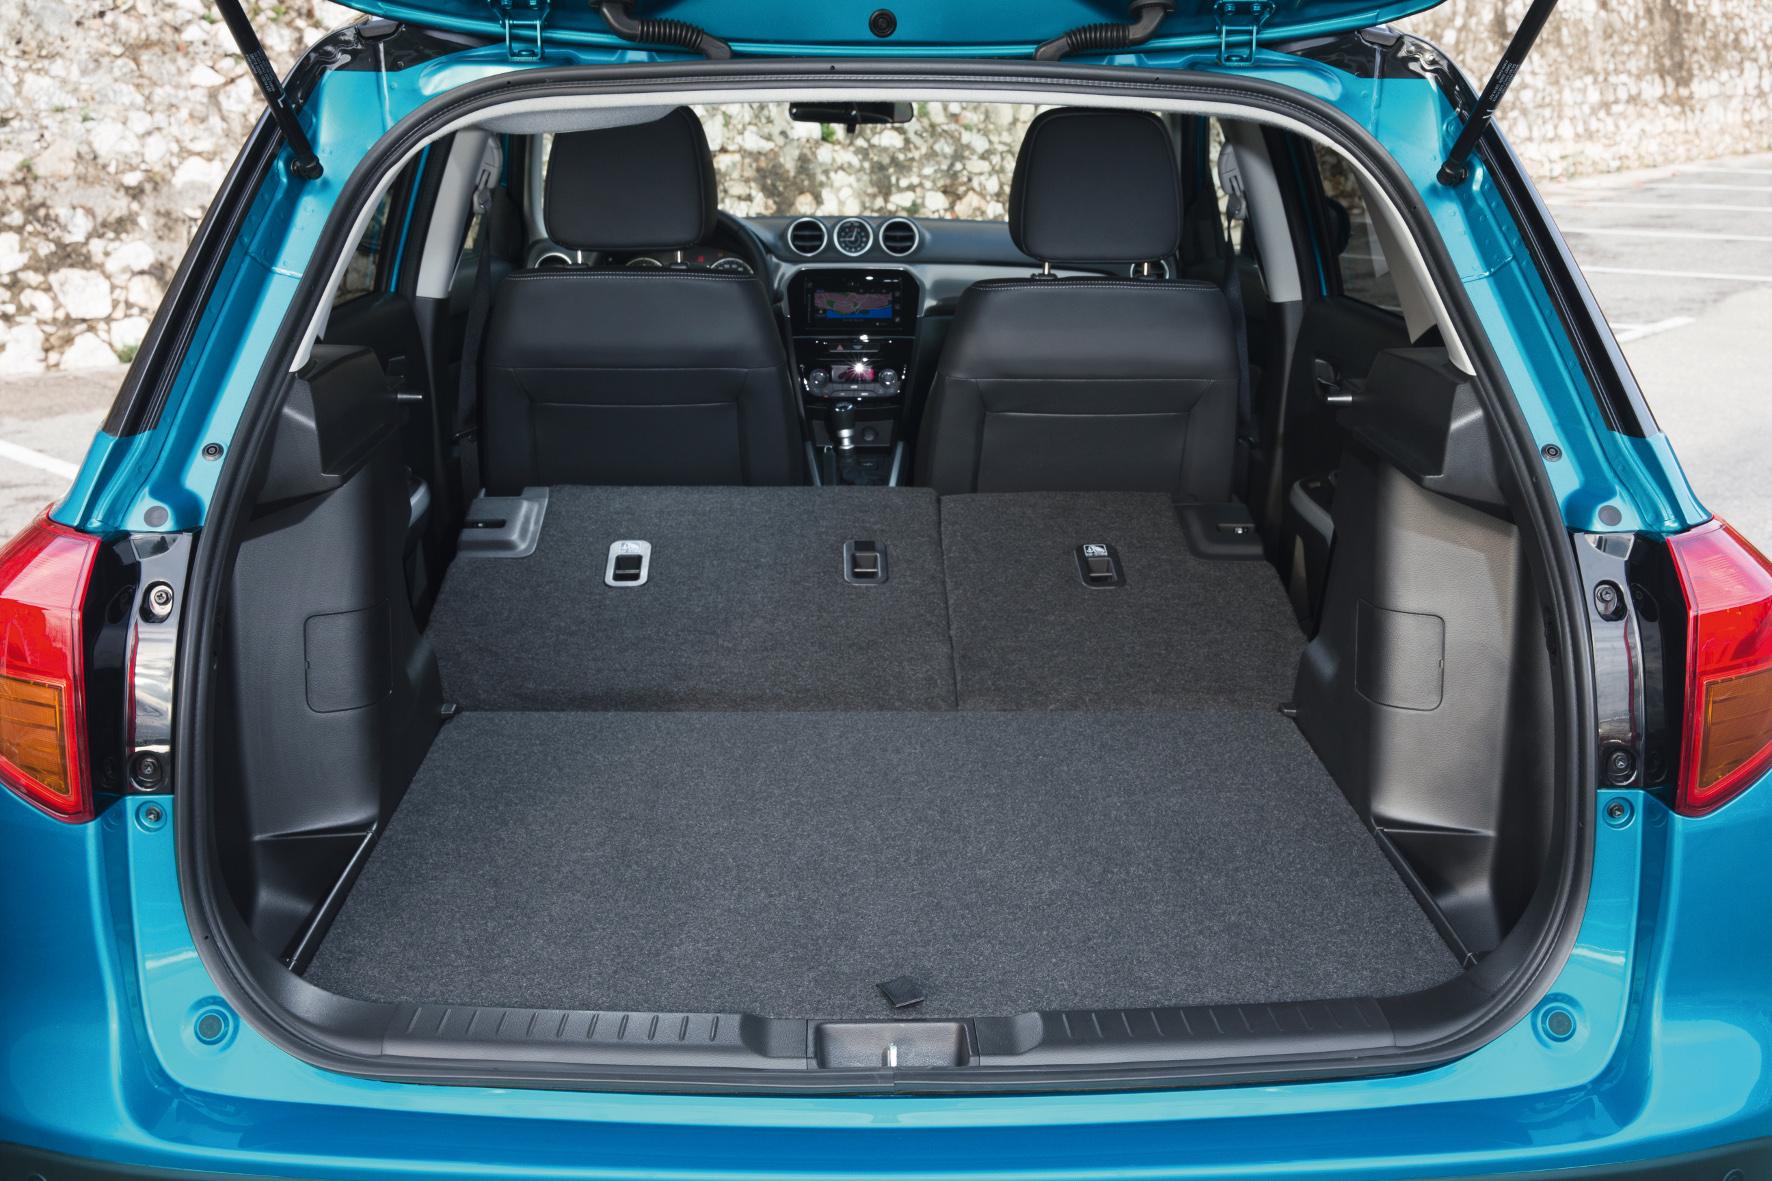 Das Ladevolumen des Suzuki Vitara beträgt bei fünf Sitzplätzen eher bescheidene 375 Liter, durch das Umklappen der Rücksitzlehne ergeben sich maximal 1.120 Liter.